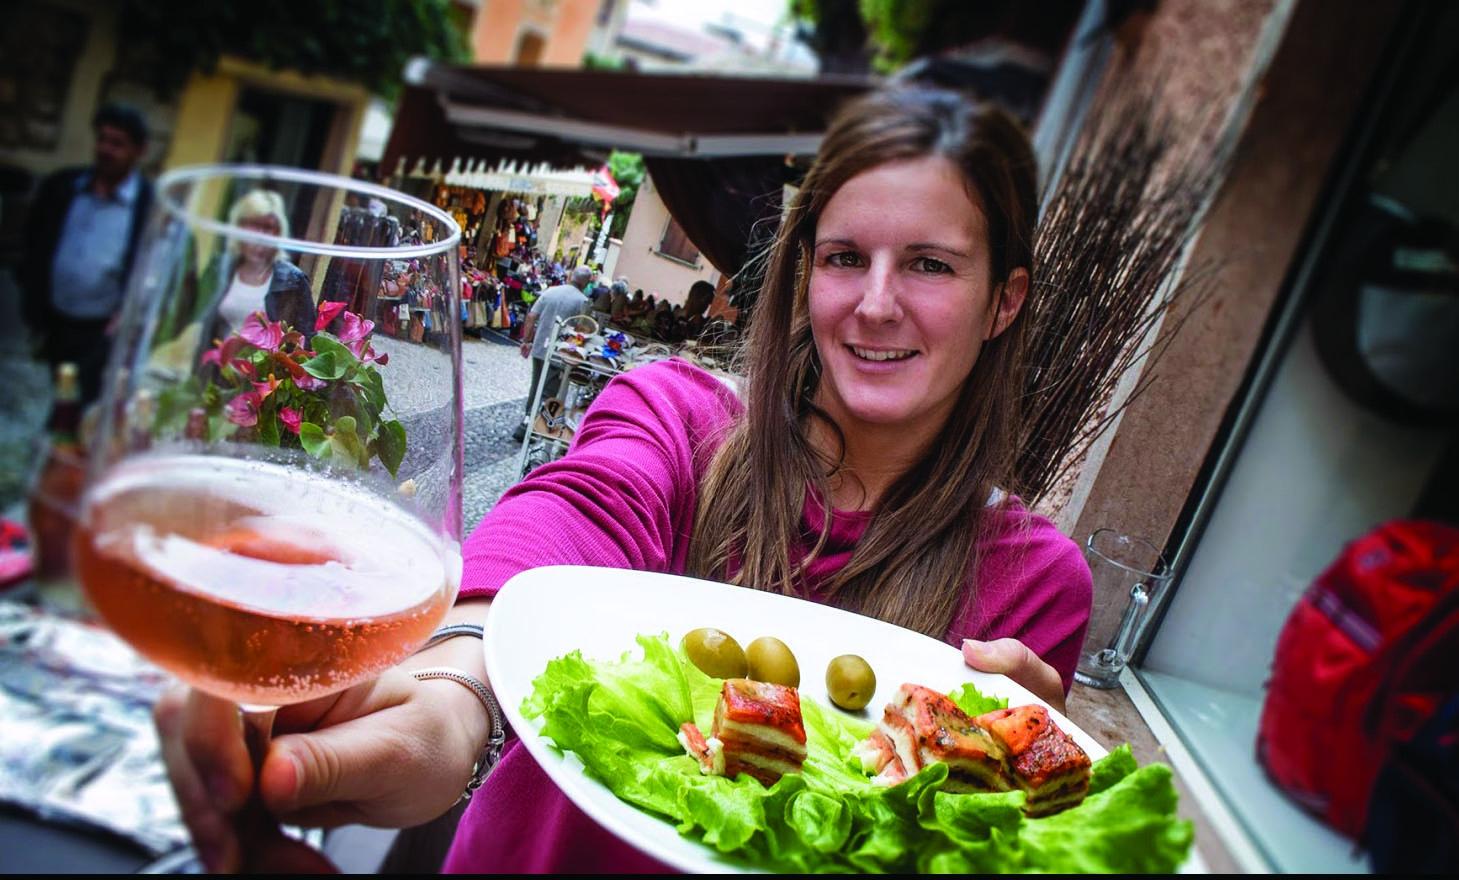 Mura-Festival: Von Italien bis Venezuela, Gourmet-Streetfood unter den Sternen von Verona